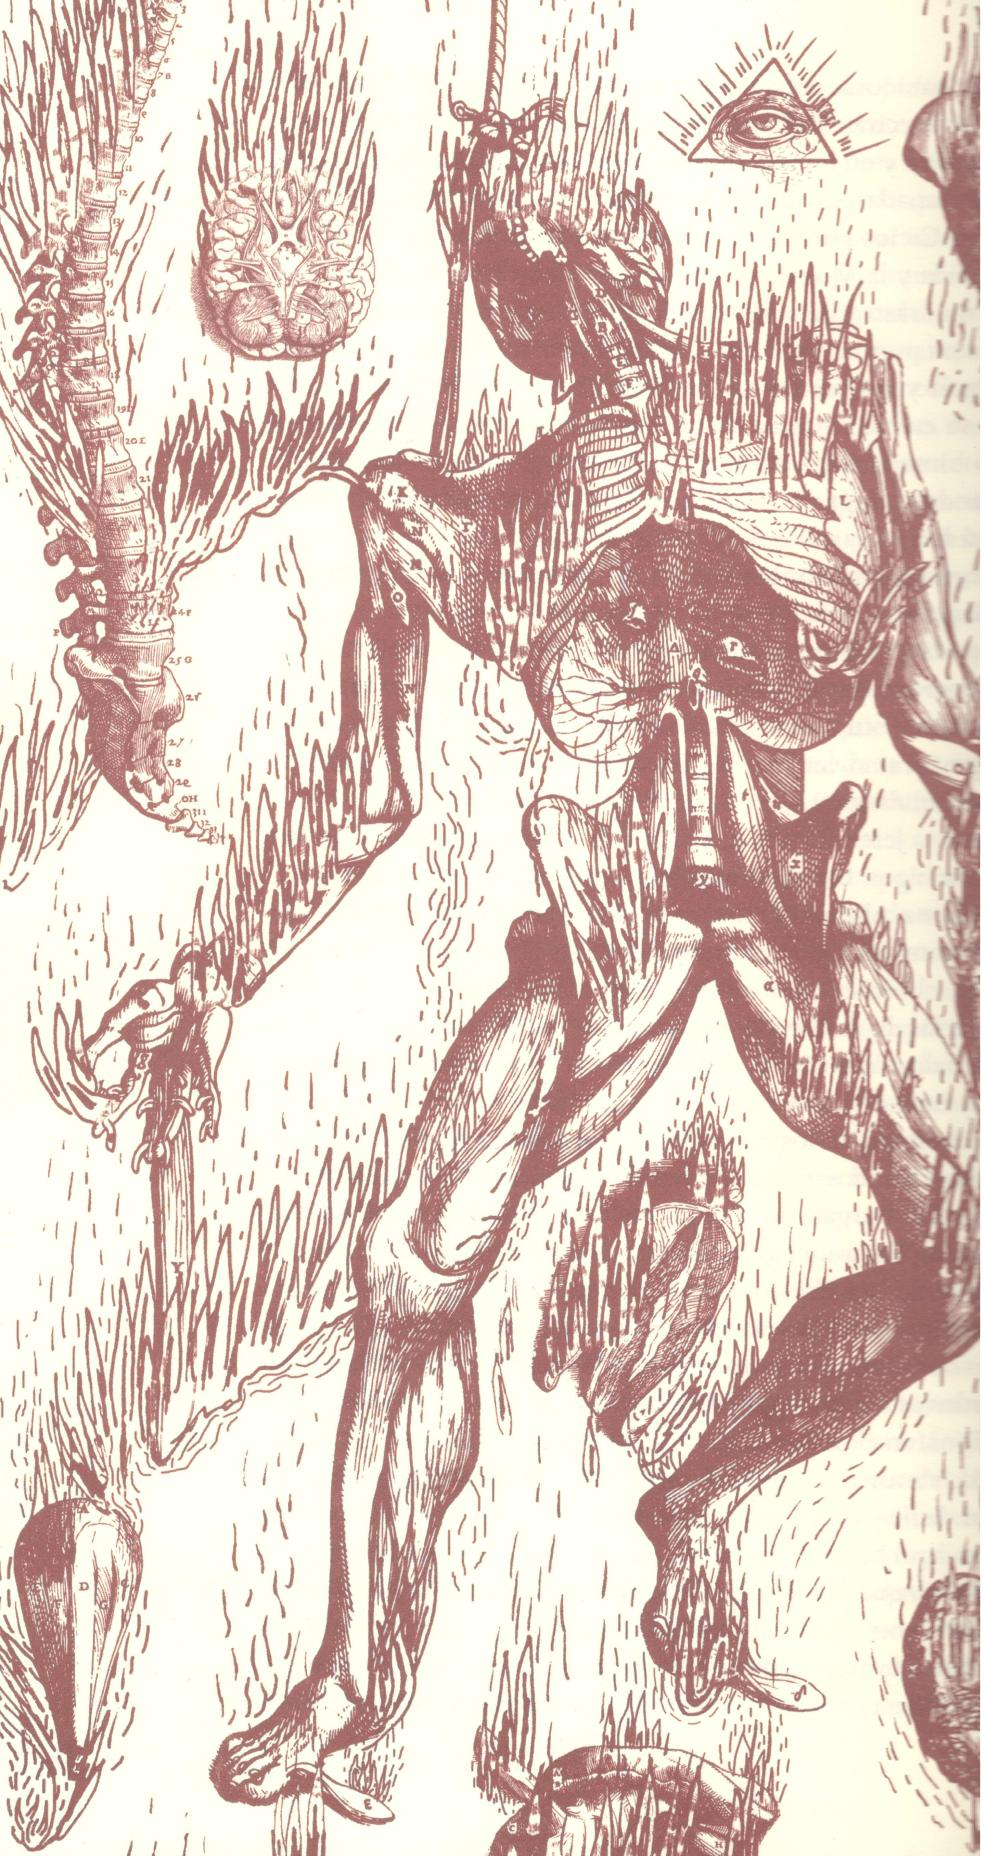 Ilustración de Santiago Robles Bonfil. El Infierno y sus tormentos, Malpaís Ediciones, 2014.